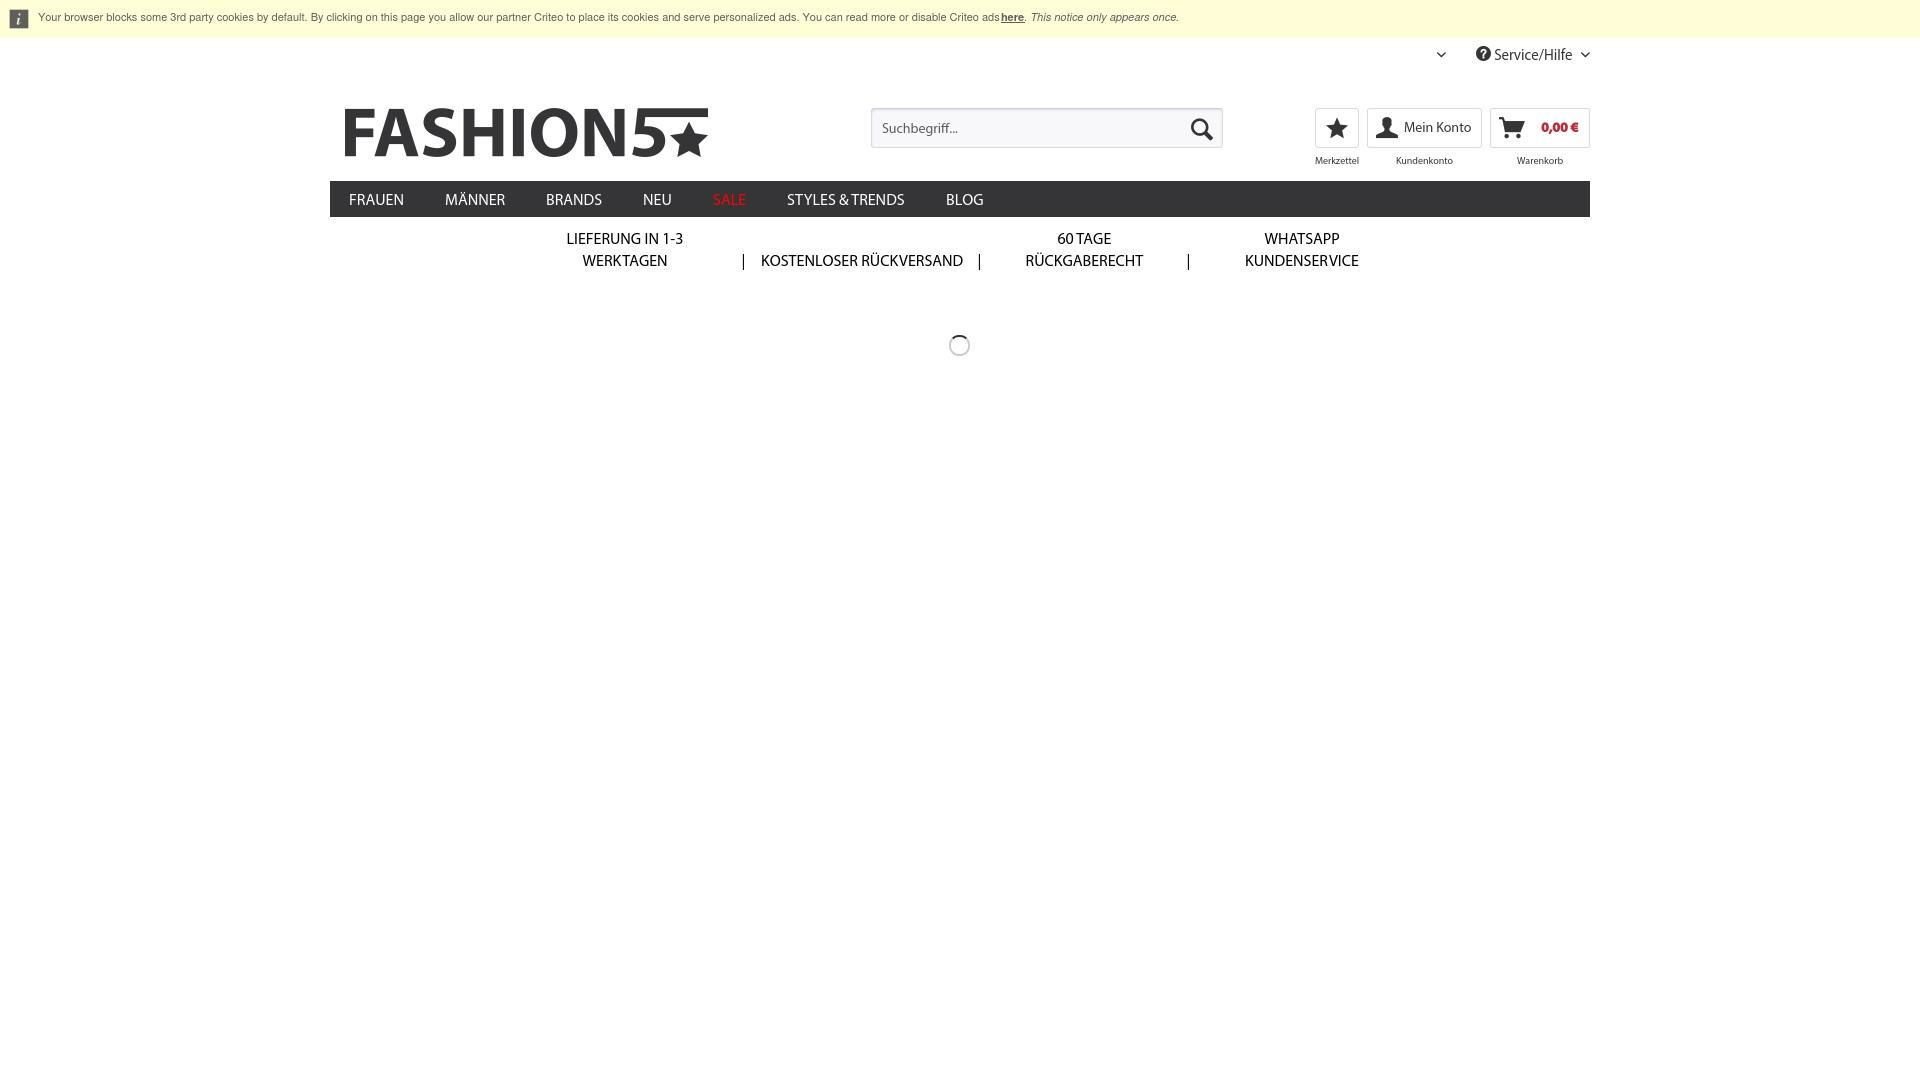 Geld zurück bei Fashion5: Jetzt im Oktober 2021 Cashback für Fashion5 sichern